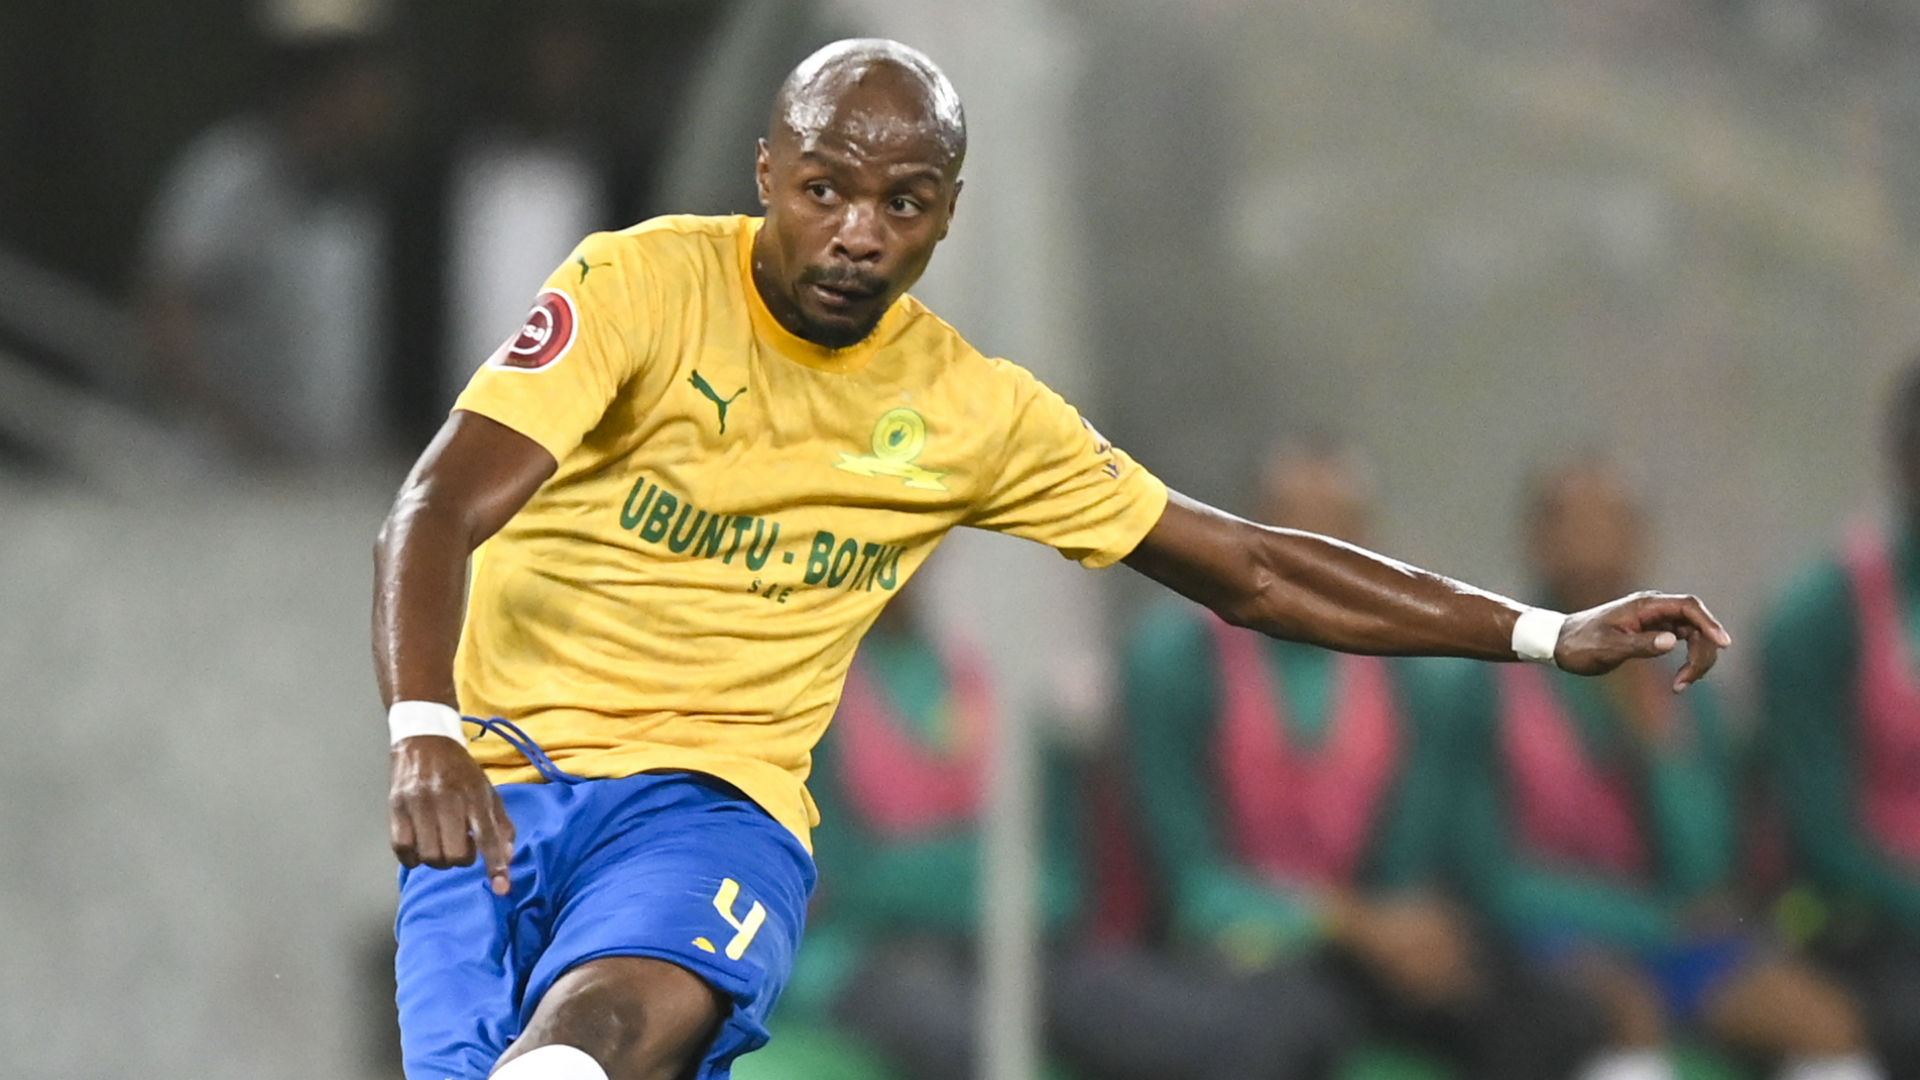 Tebogo Langerman of Mamelodi Sundowns, 2019